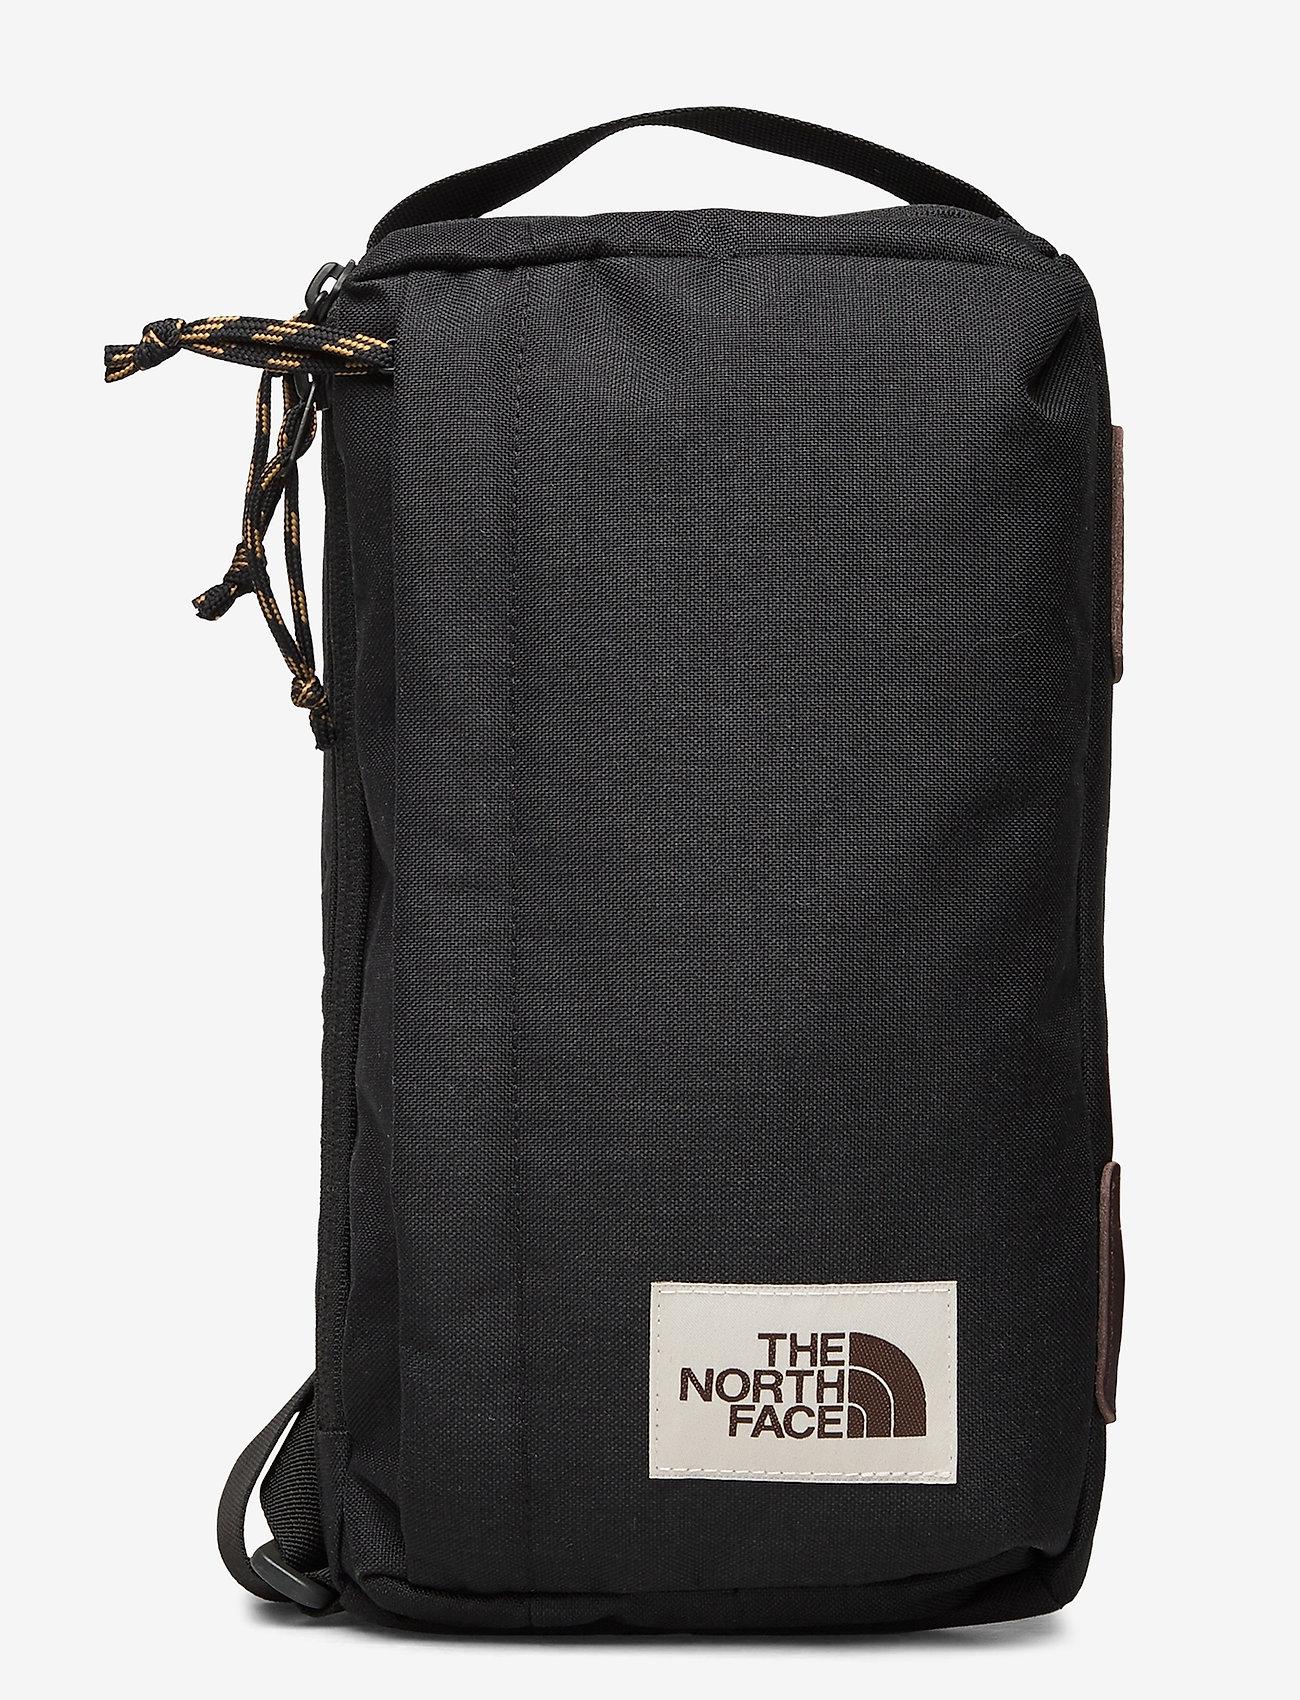 The North Face - FIELD BAG - trainingstassen - tnf black hthr - 0